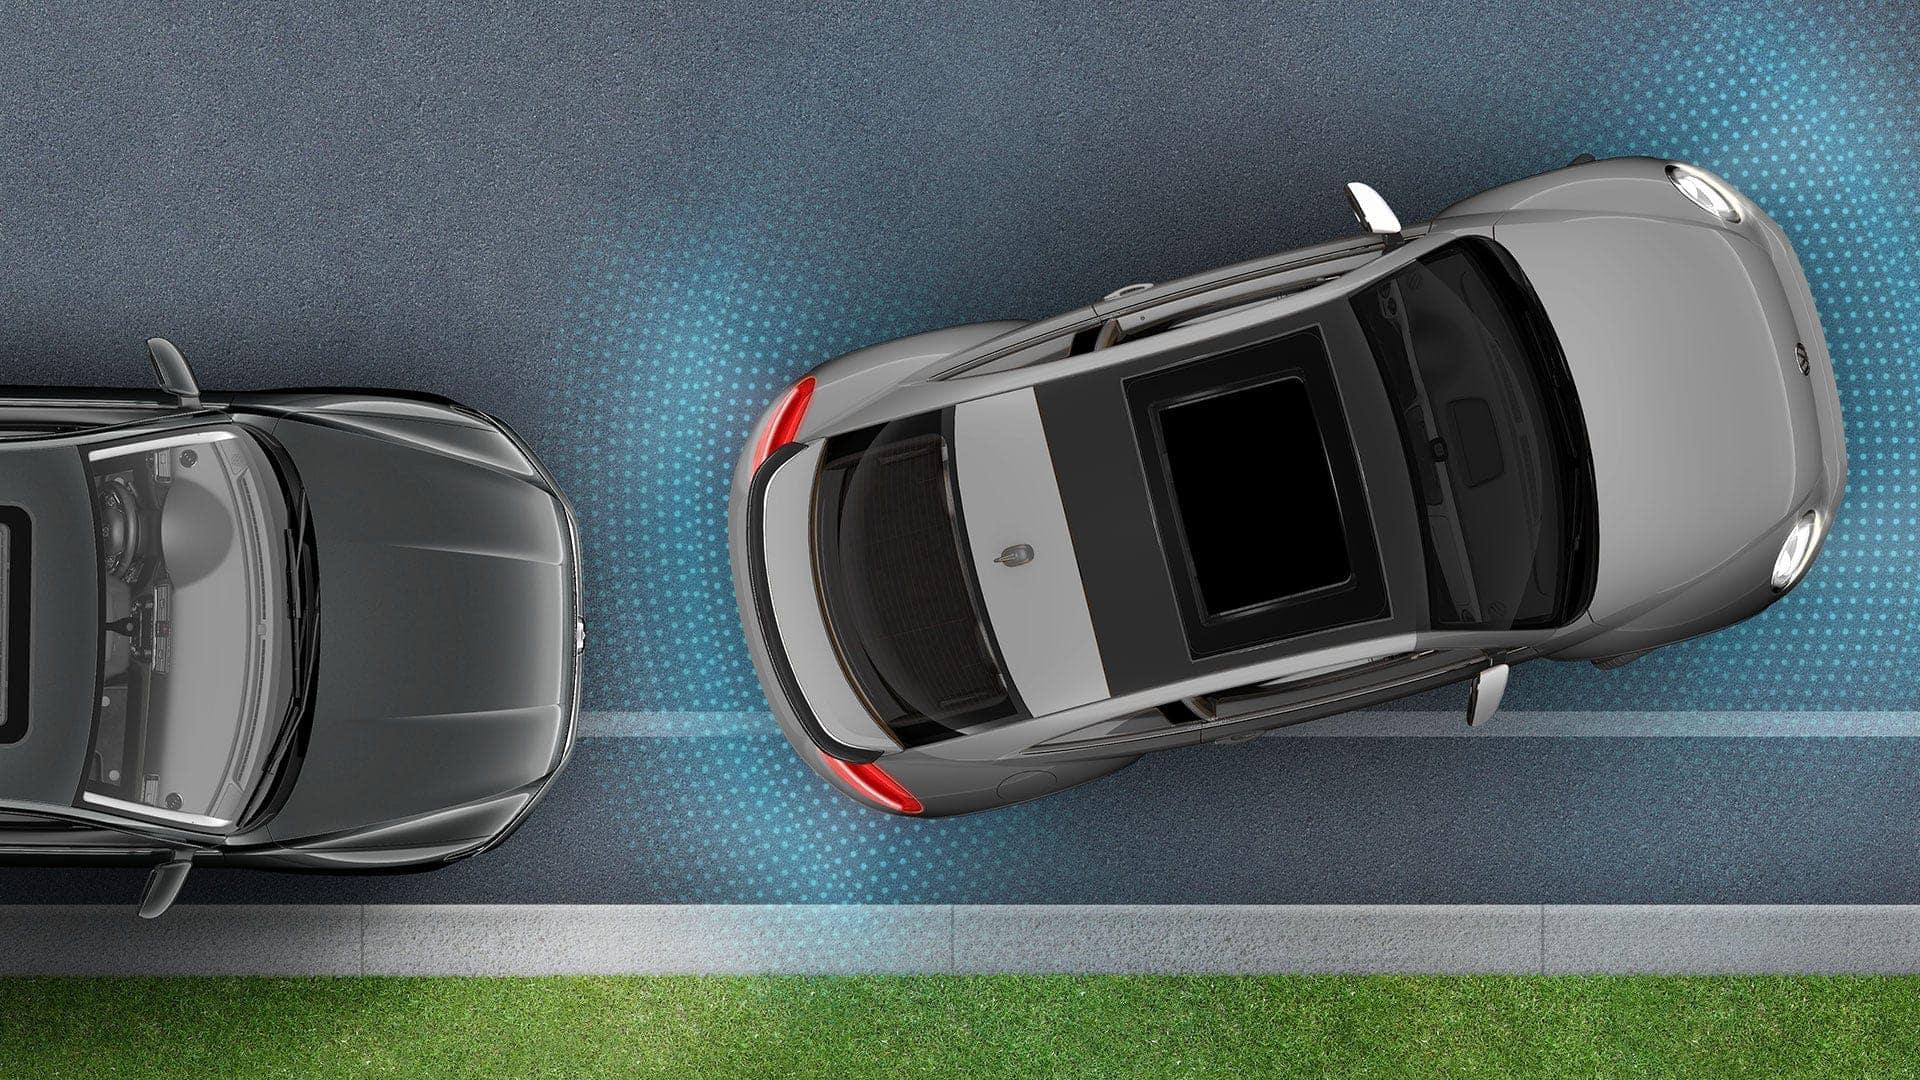 2019 VW Beetle park distance control infographic